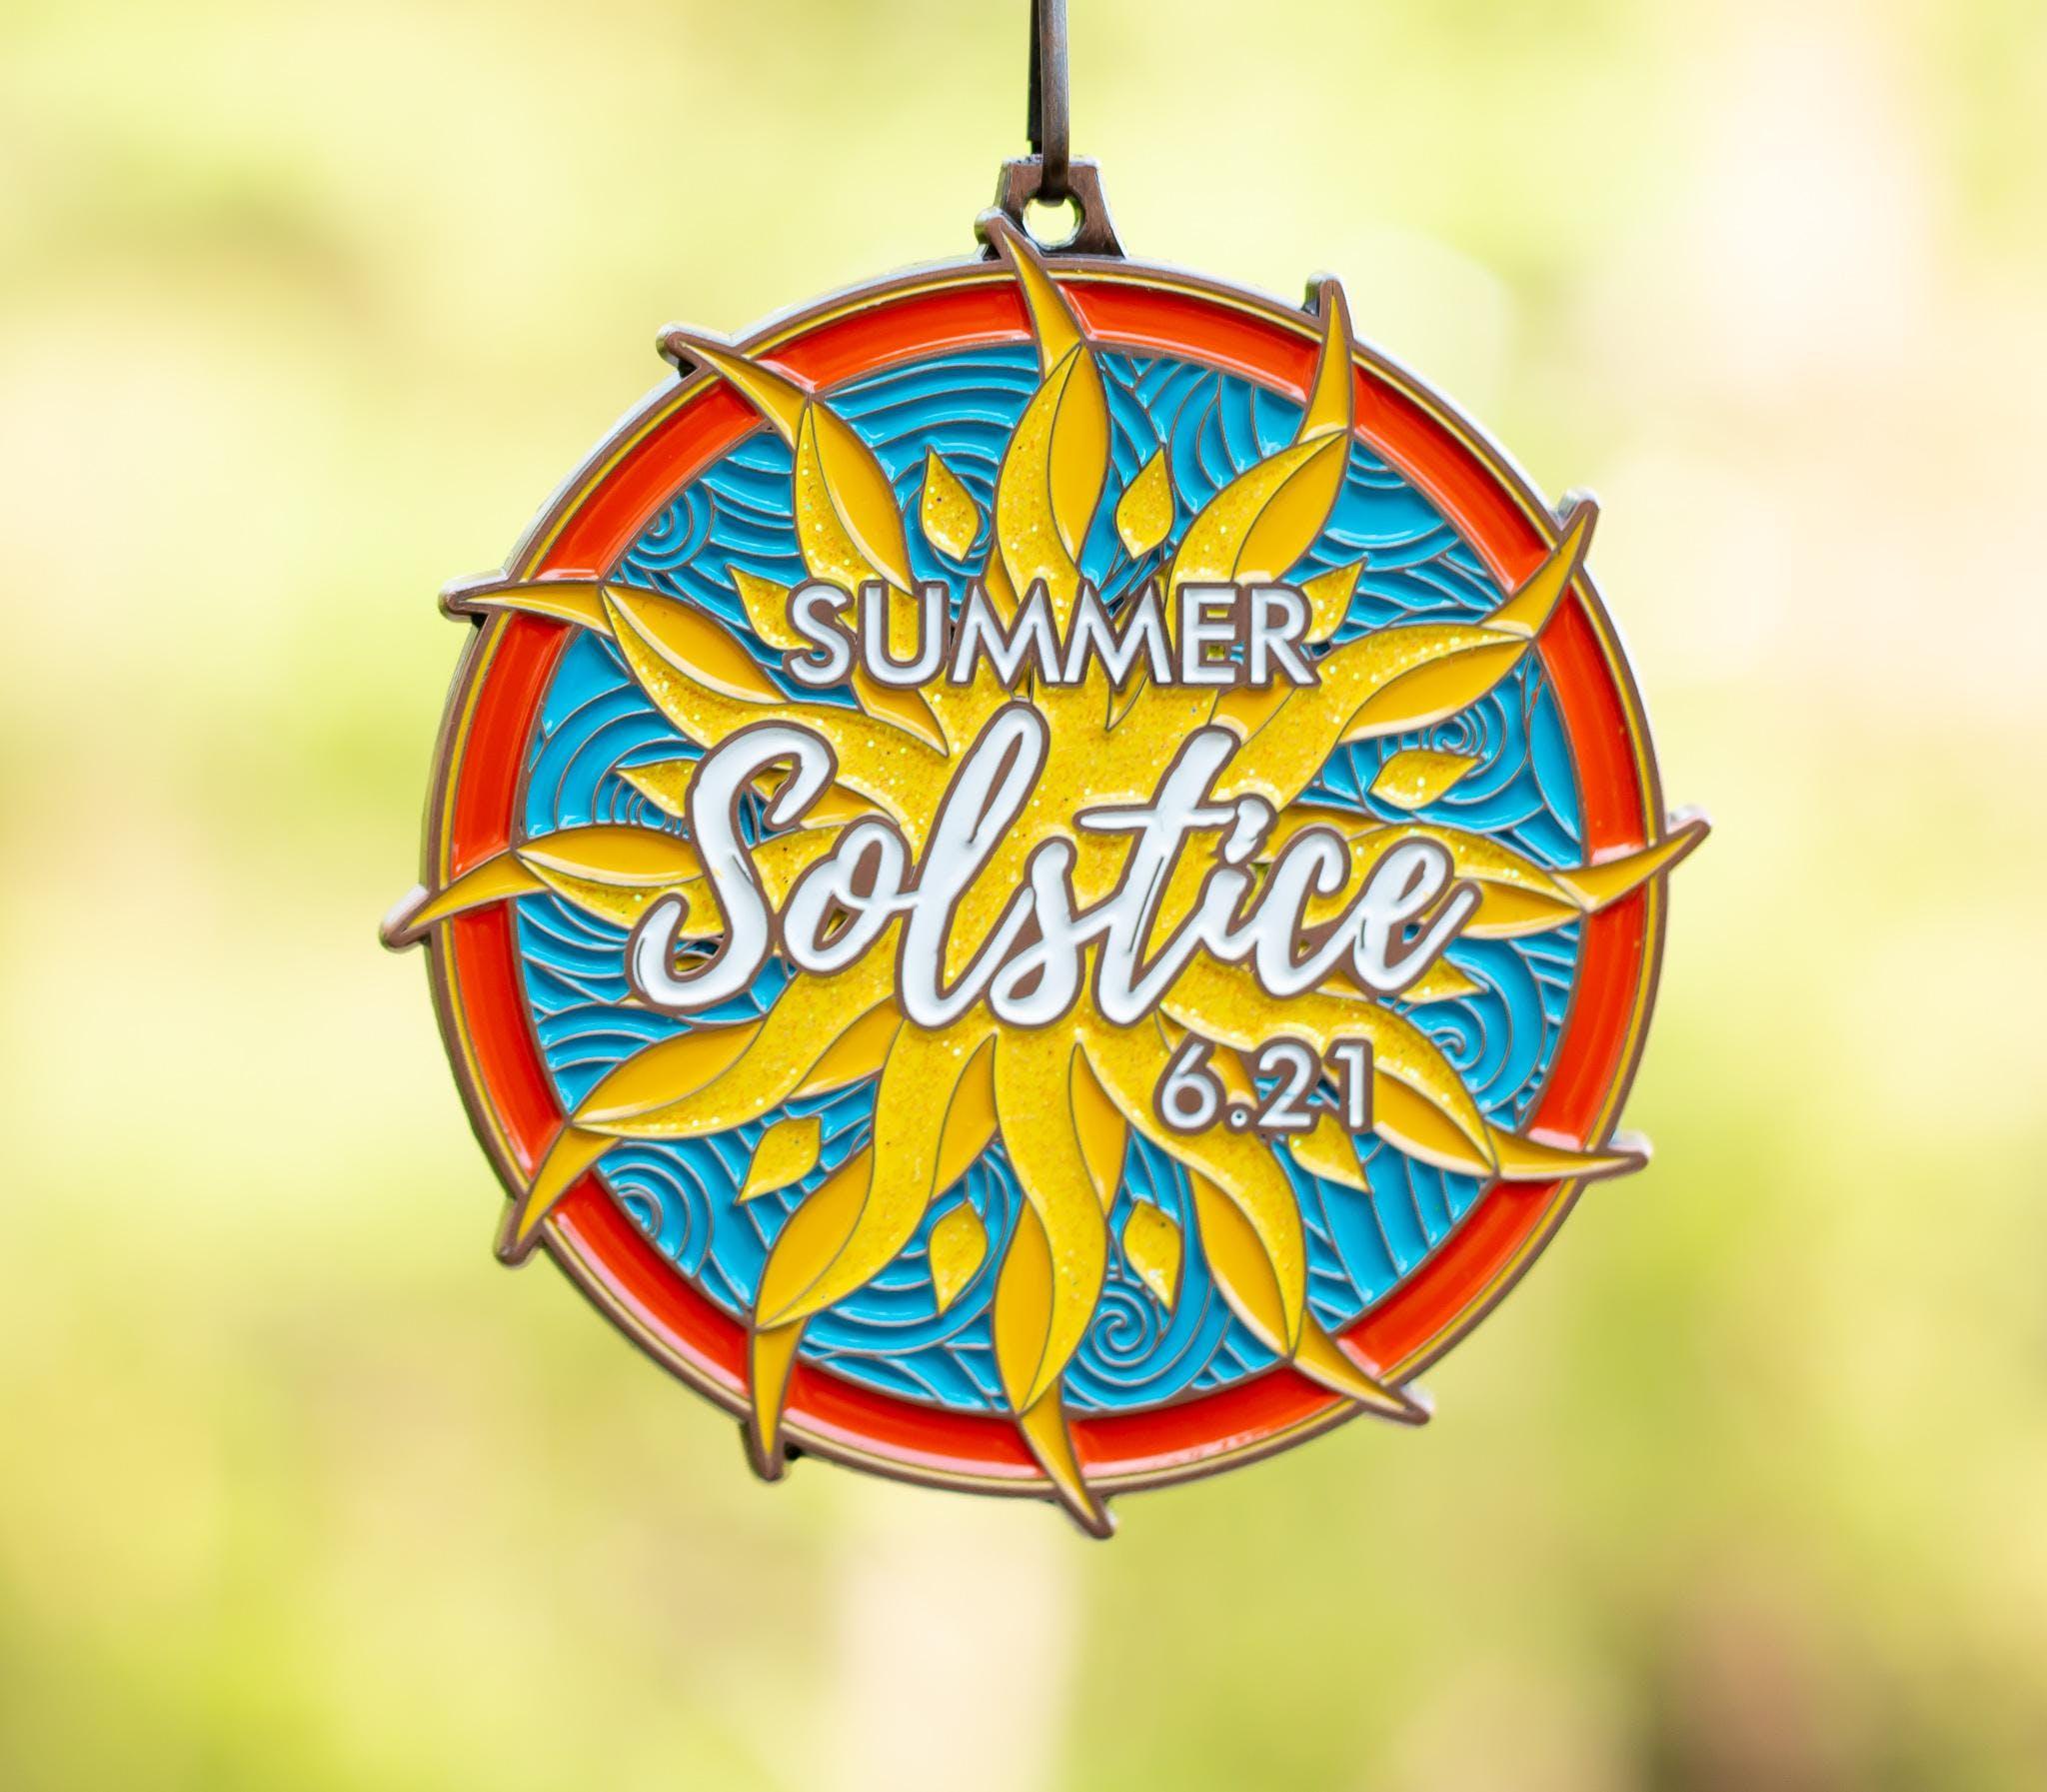 summer solstice 6 21 mile tucson 21 jun 2018